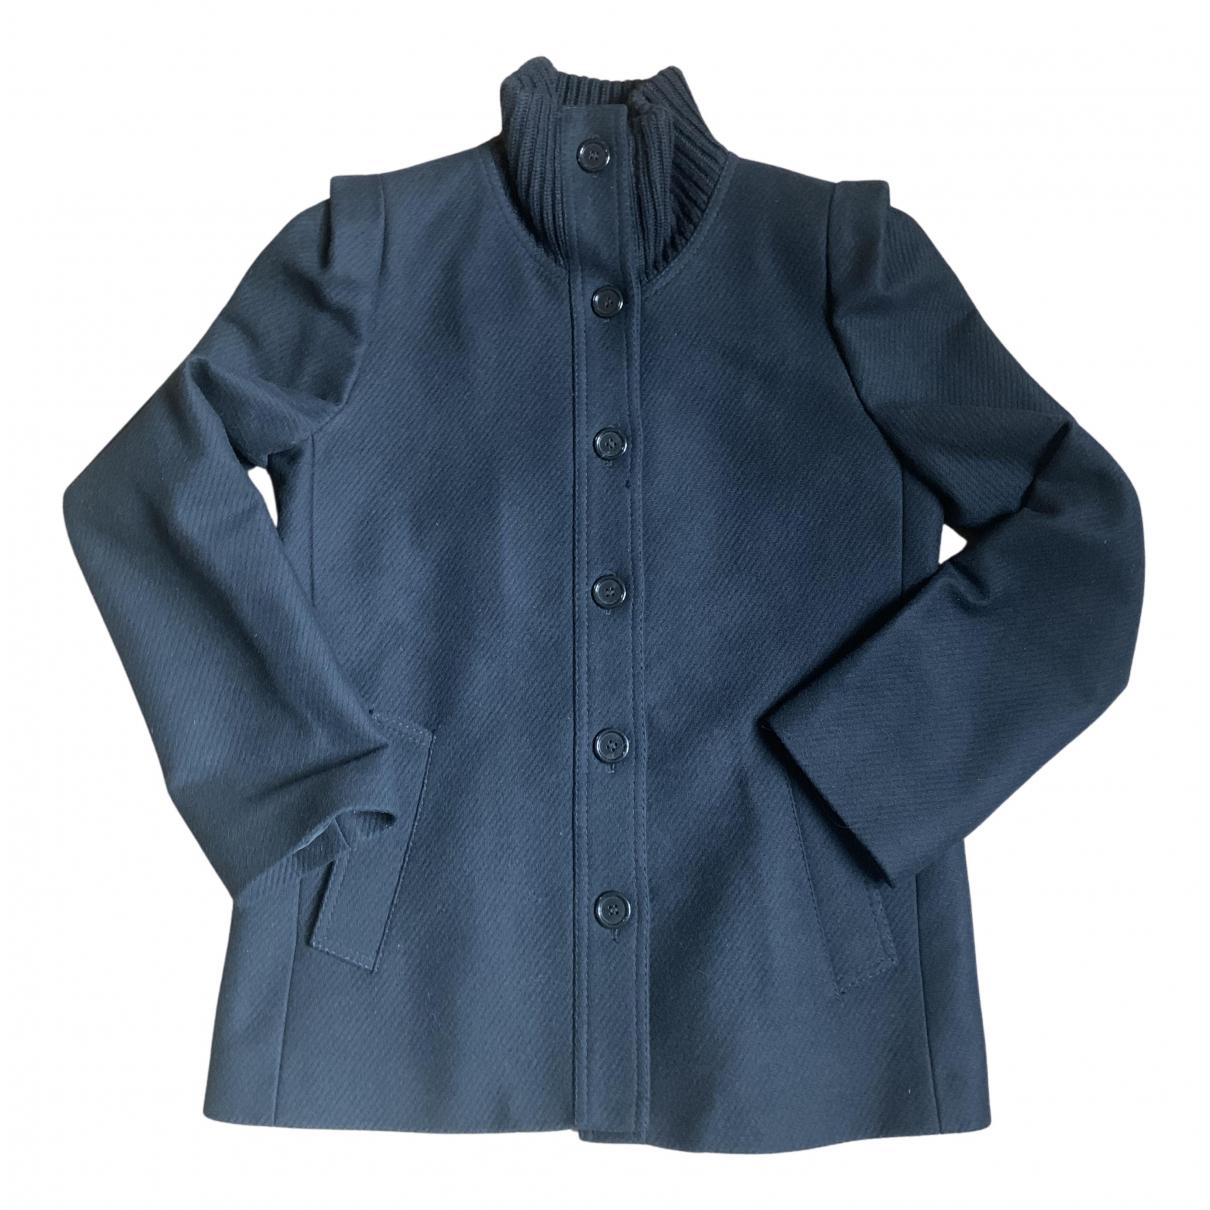 Maison Martin Margiela - Manteau   pour femme en laine - marine